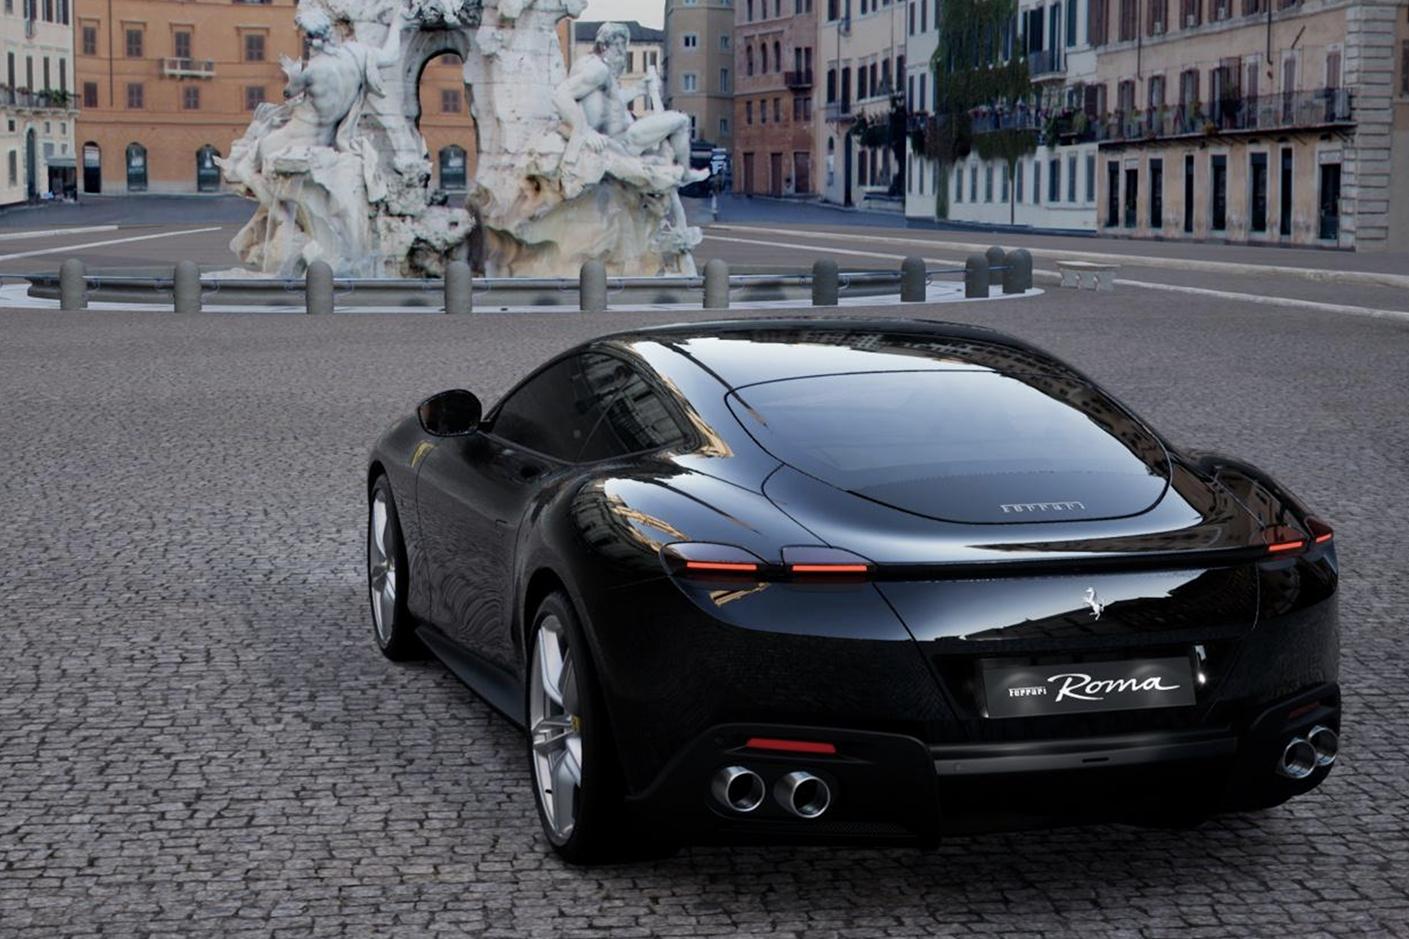 2021 Ferrari Roma 67031